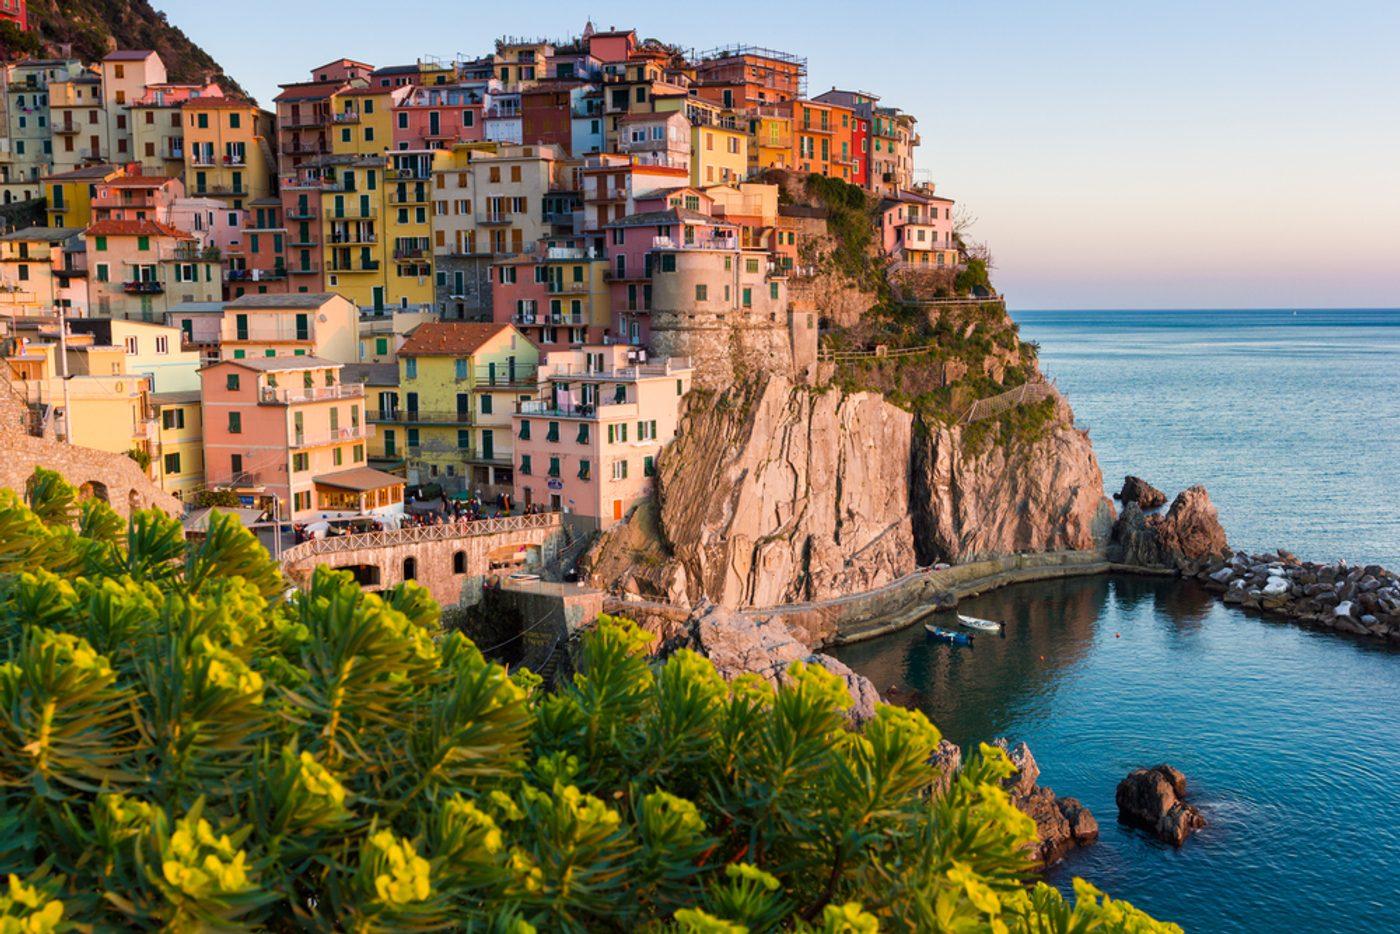 Photo Tour of Italy 38